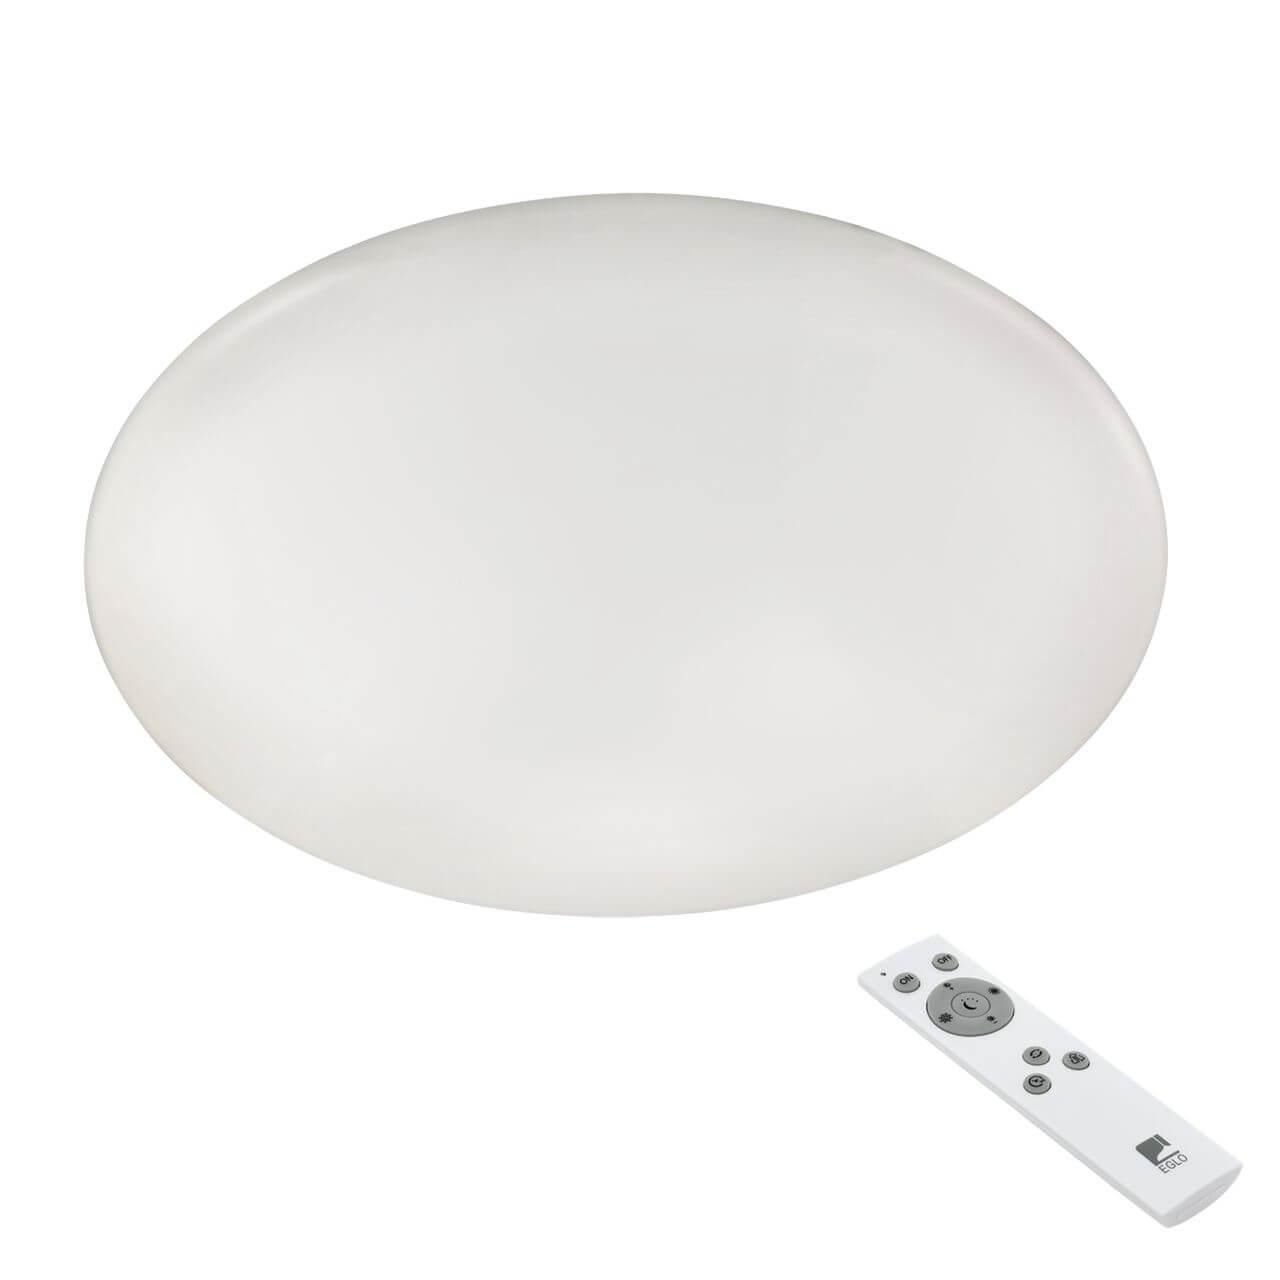 Потолочный светильник Eglo 97527, LED, 60 Вт потолочный светодиодный светильник eglo giron c 32589